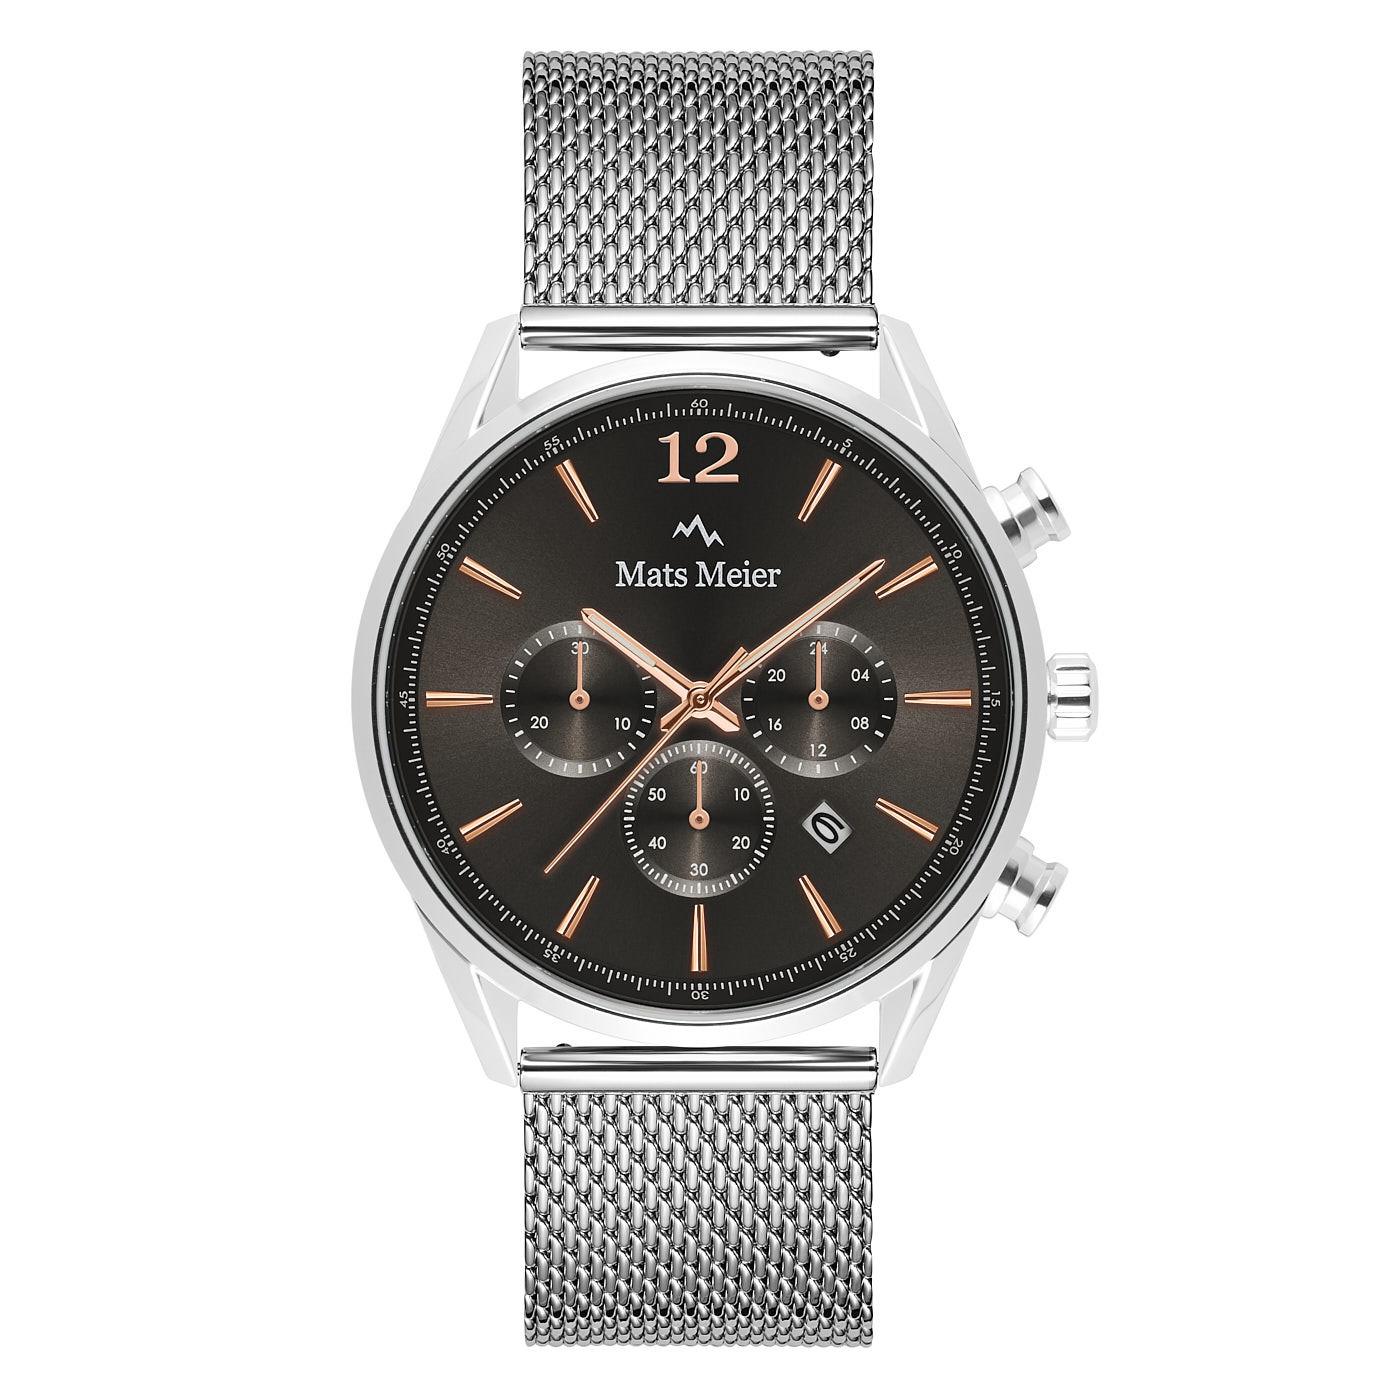 Mats Meier Grand Cornier kronografur grå / sølvfarvet